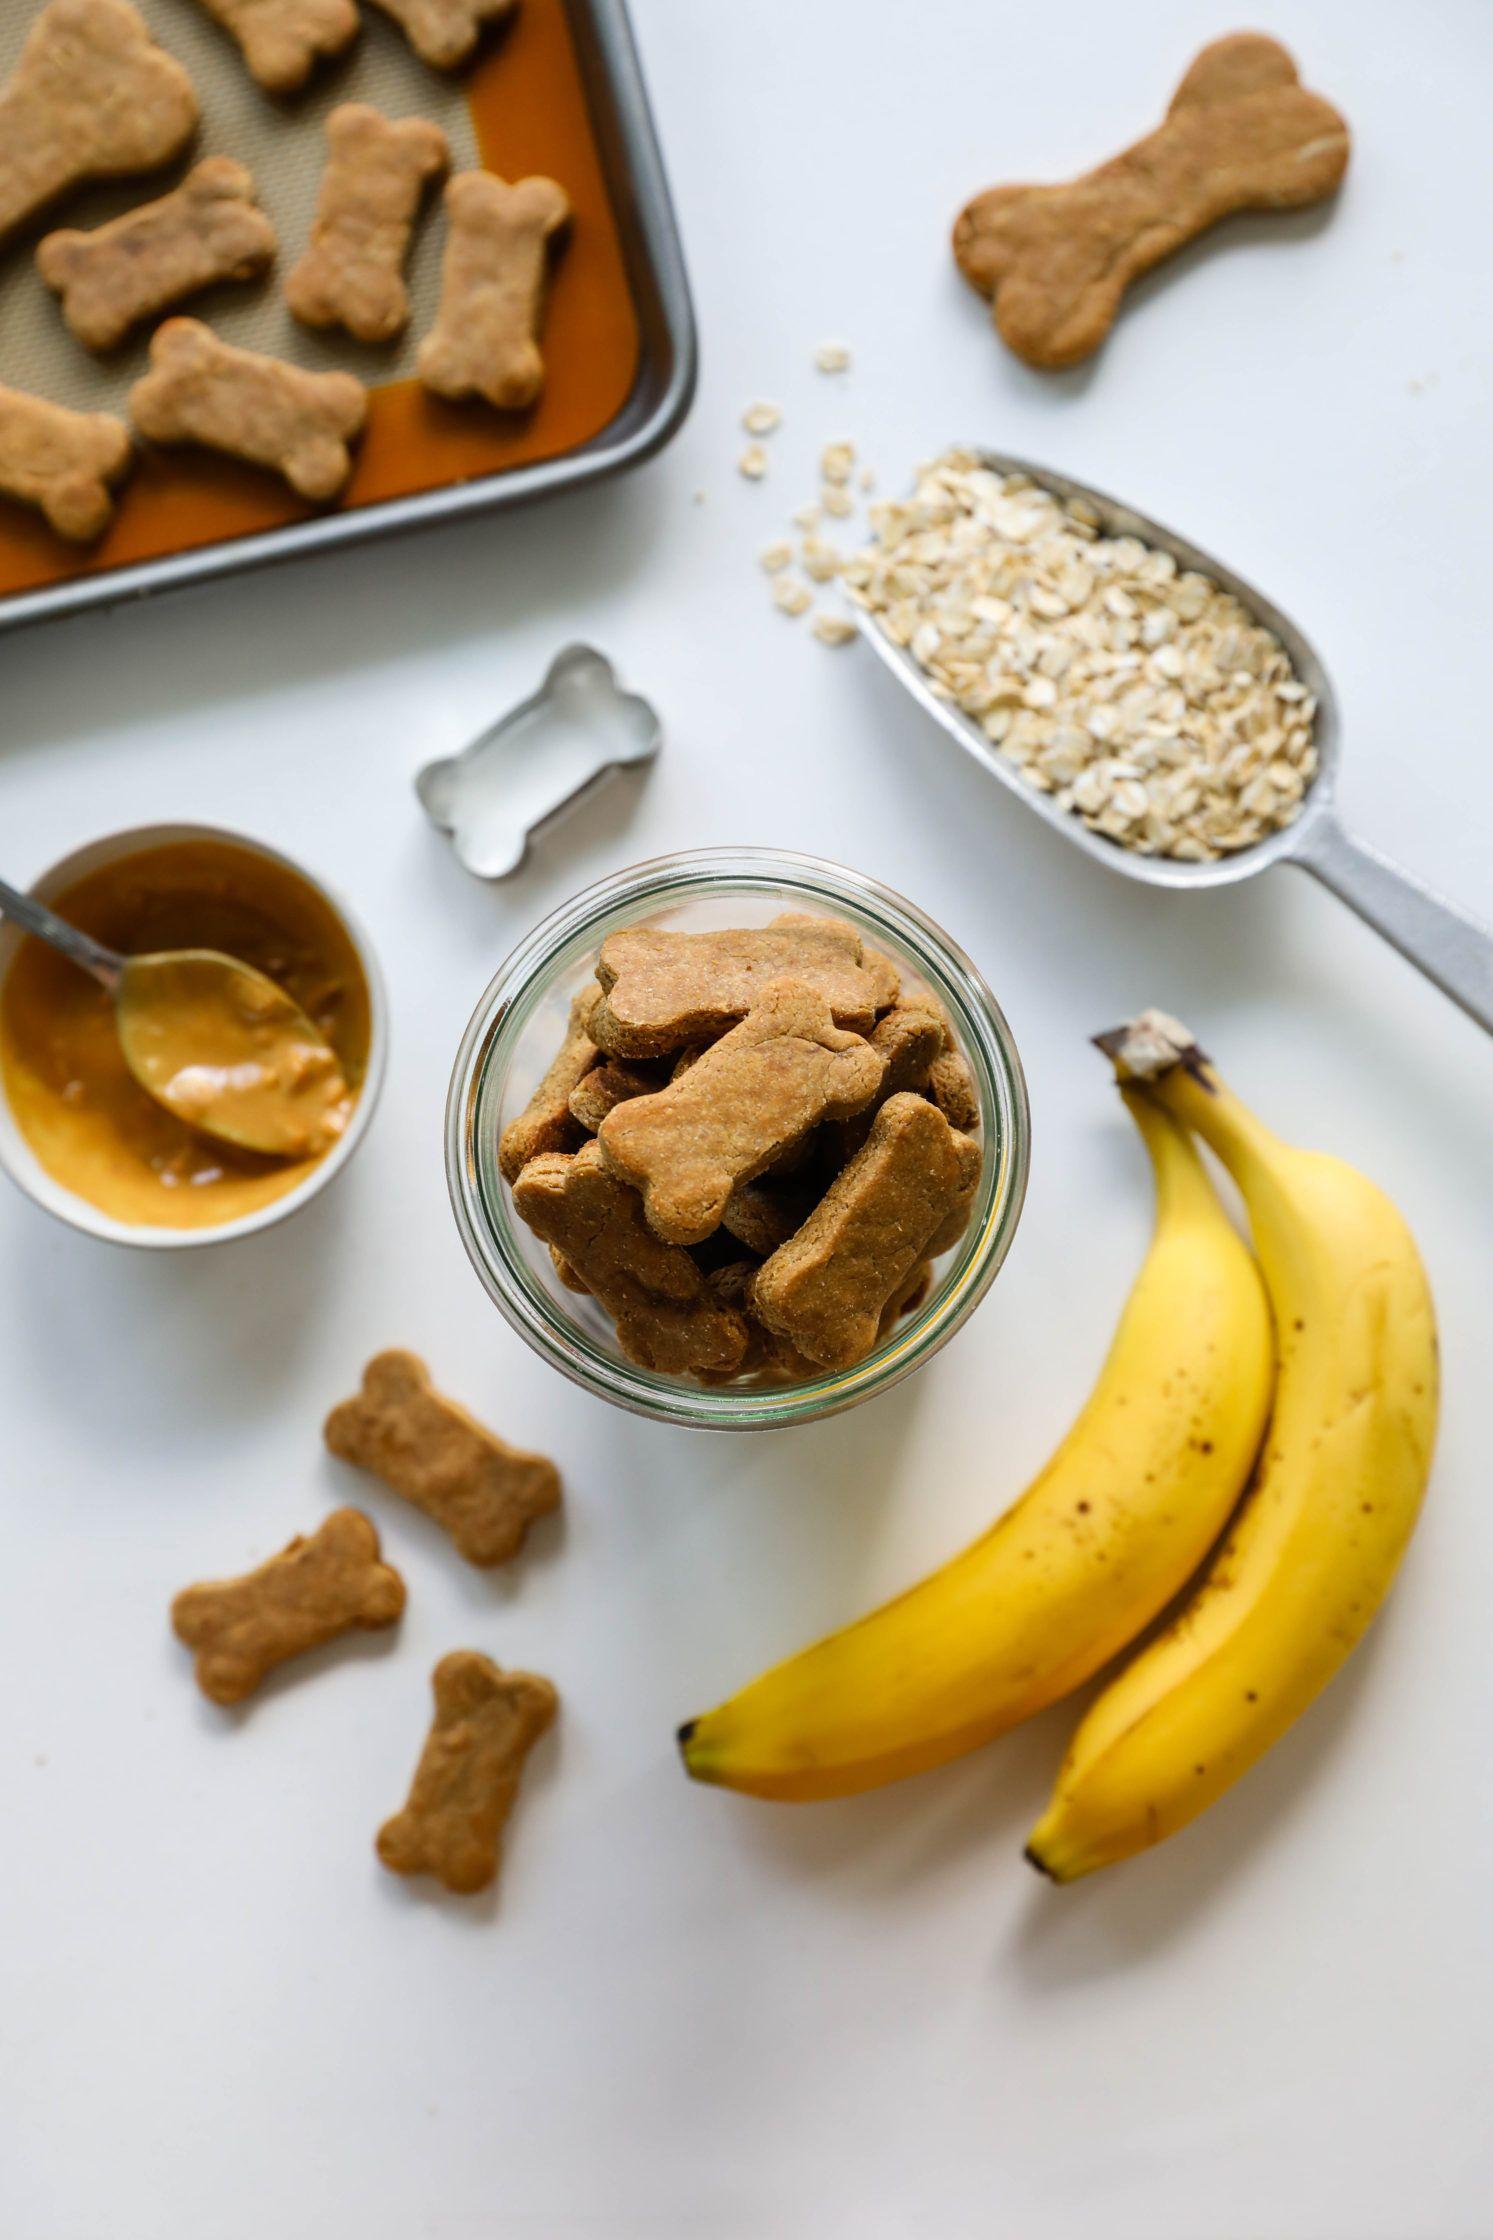 Banana Dog Treat Recipes